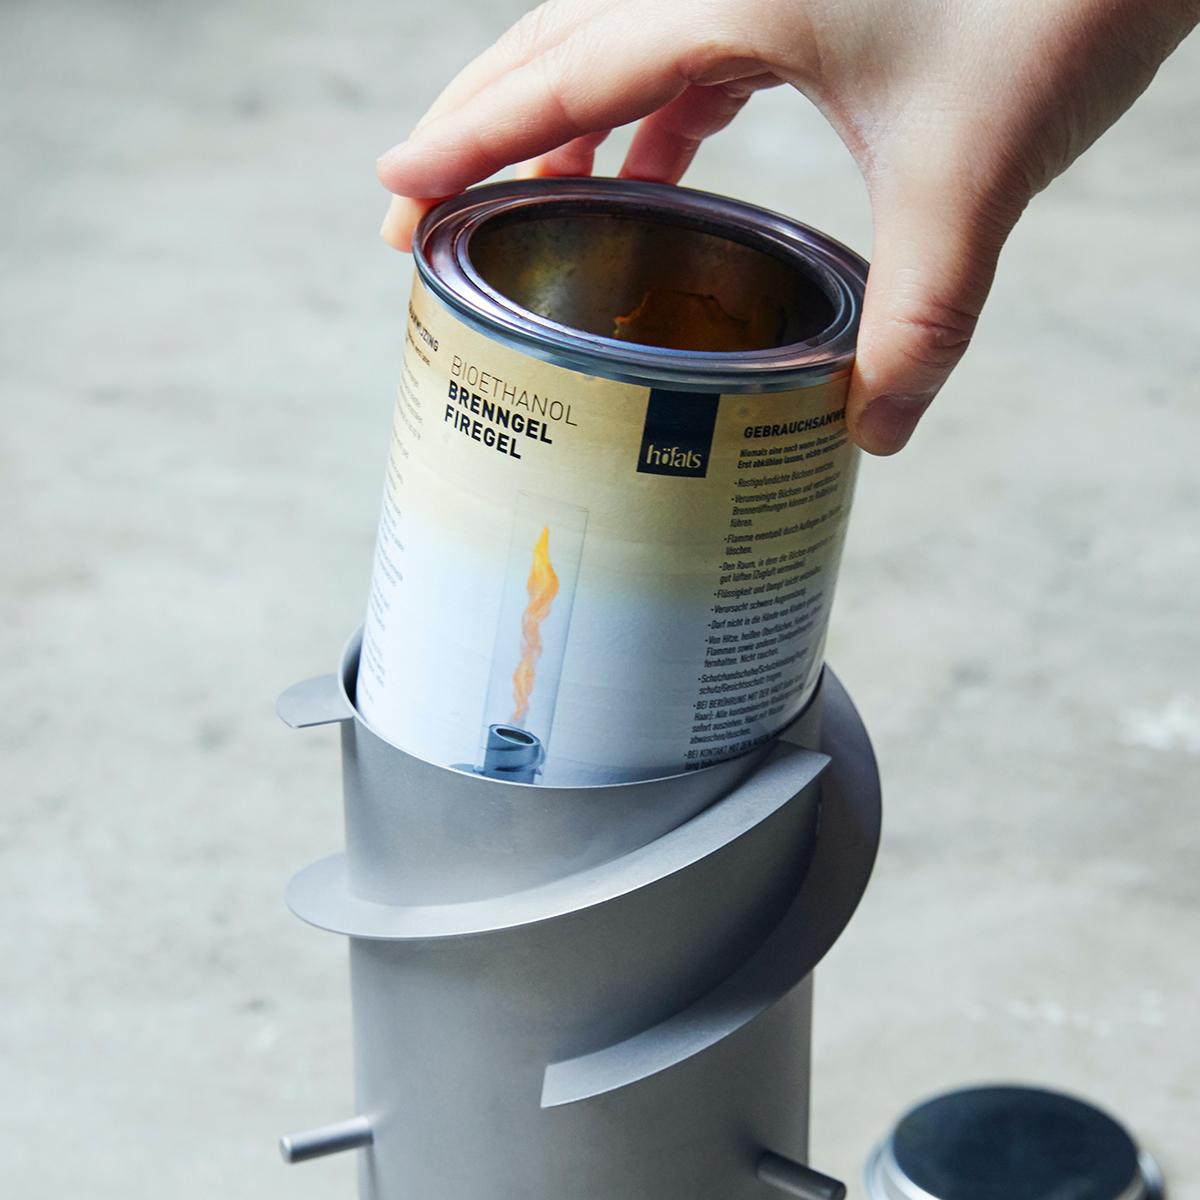 設置方法2|煙突効果で炎が廻りながら上昇!煙が出にくい安全燃料の「テーブルランタン&ガーデントーチ」|Hofats SPIN(ホーファッツ スピン)